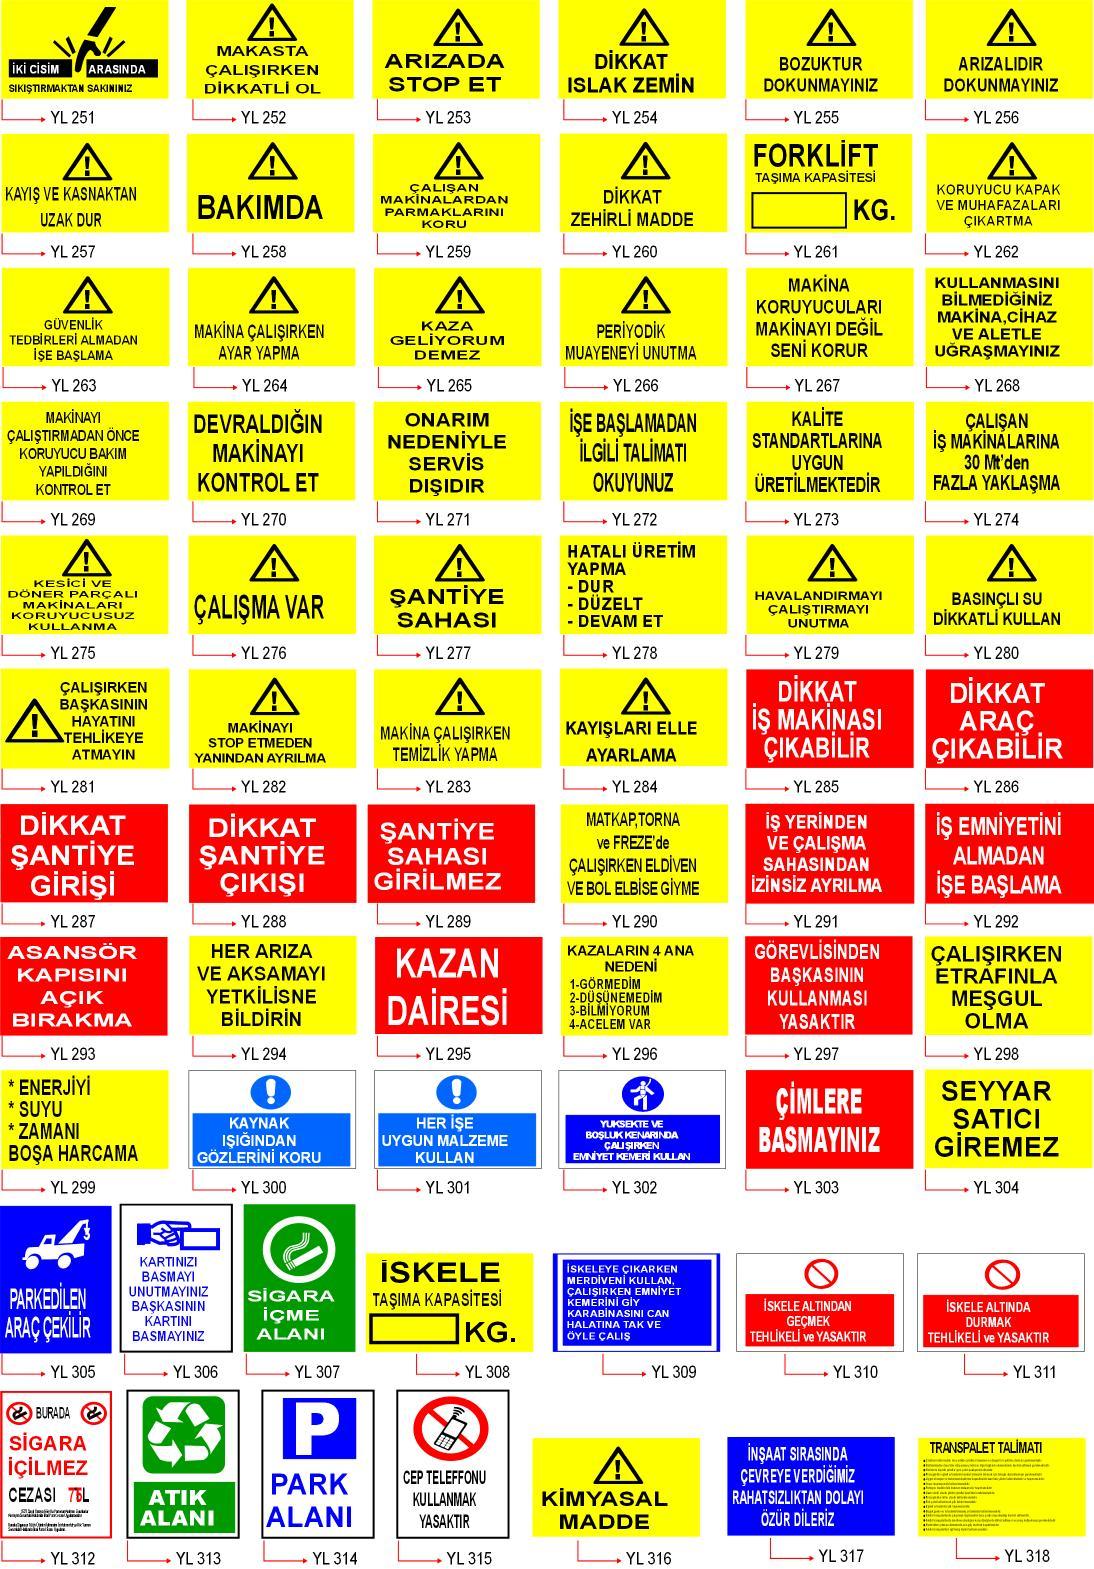 25*35 ikaz uyarı levhalari 5 - Ürün Detayı için tıklayınız...